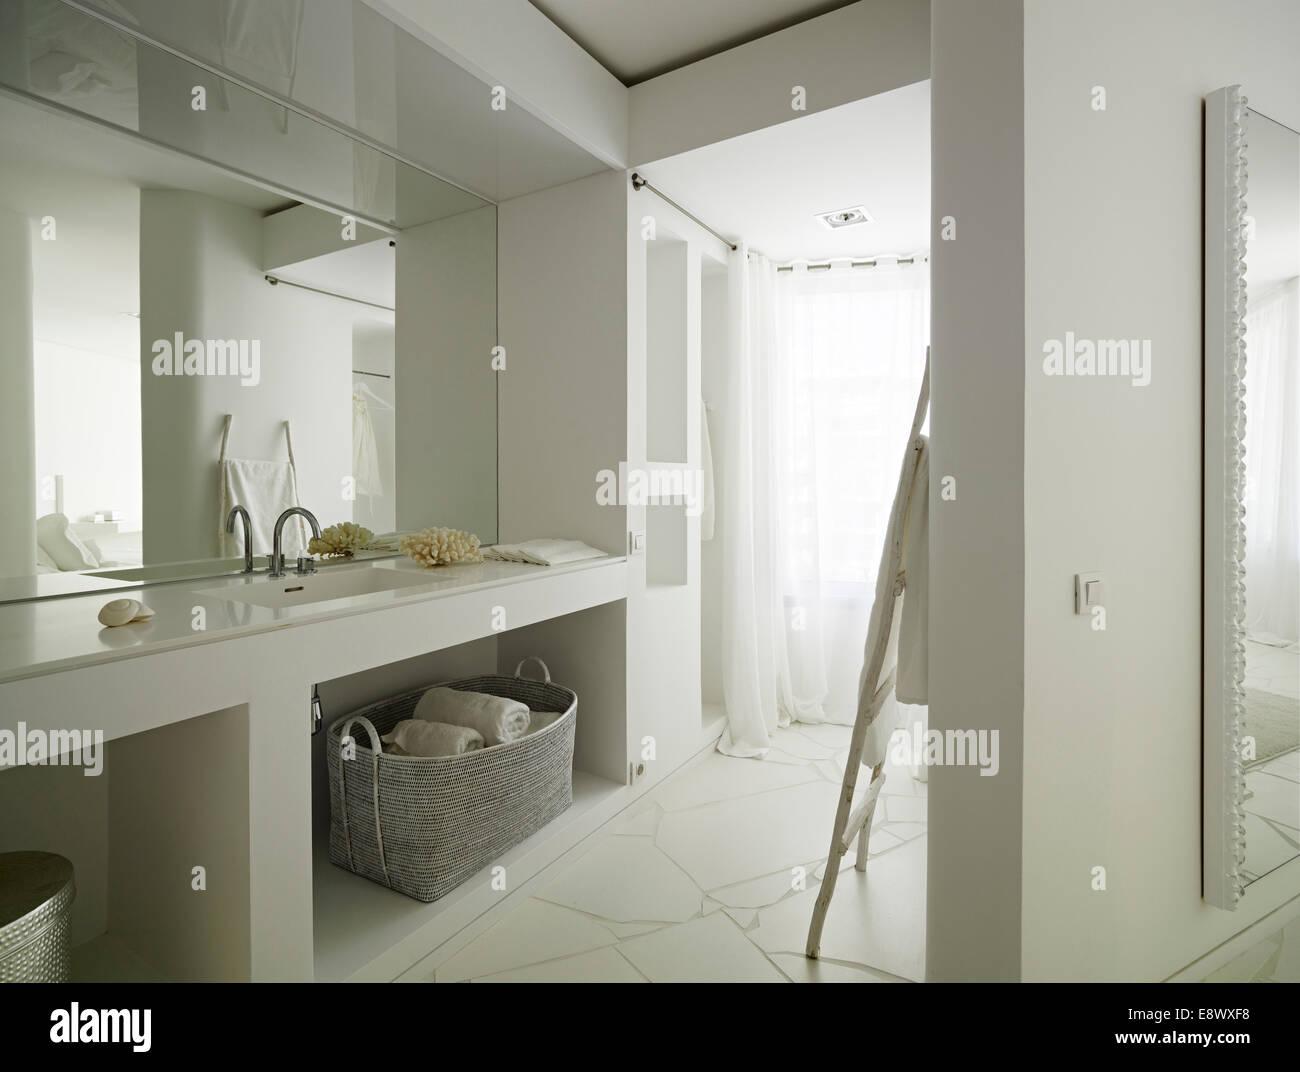 Spiegel über Waschbecken im modernen Badezimmer im Apartment Las ...